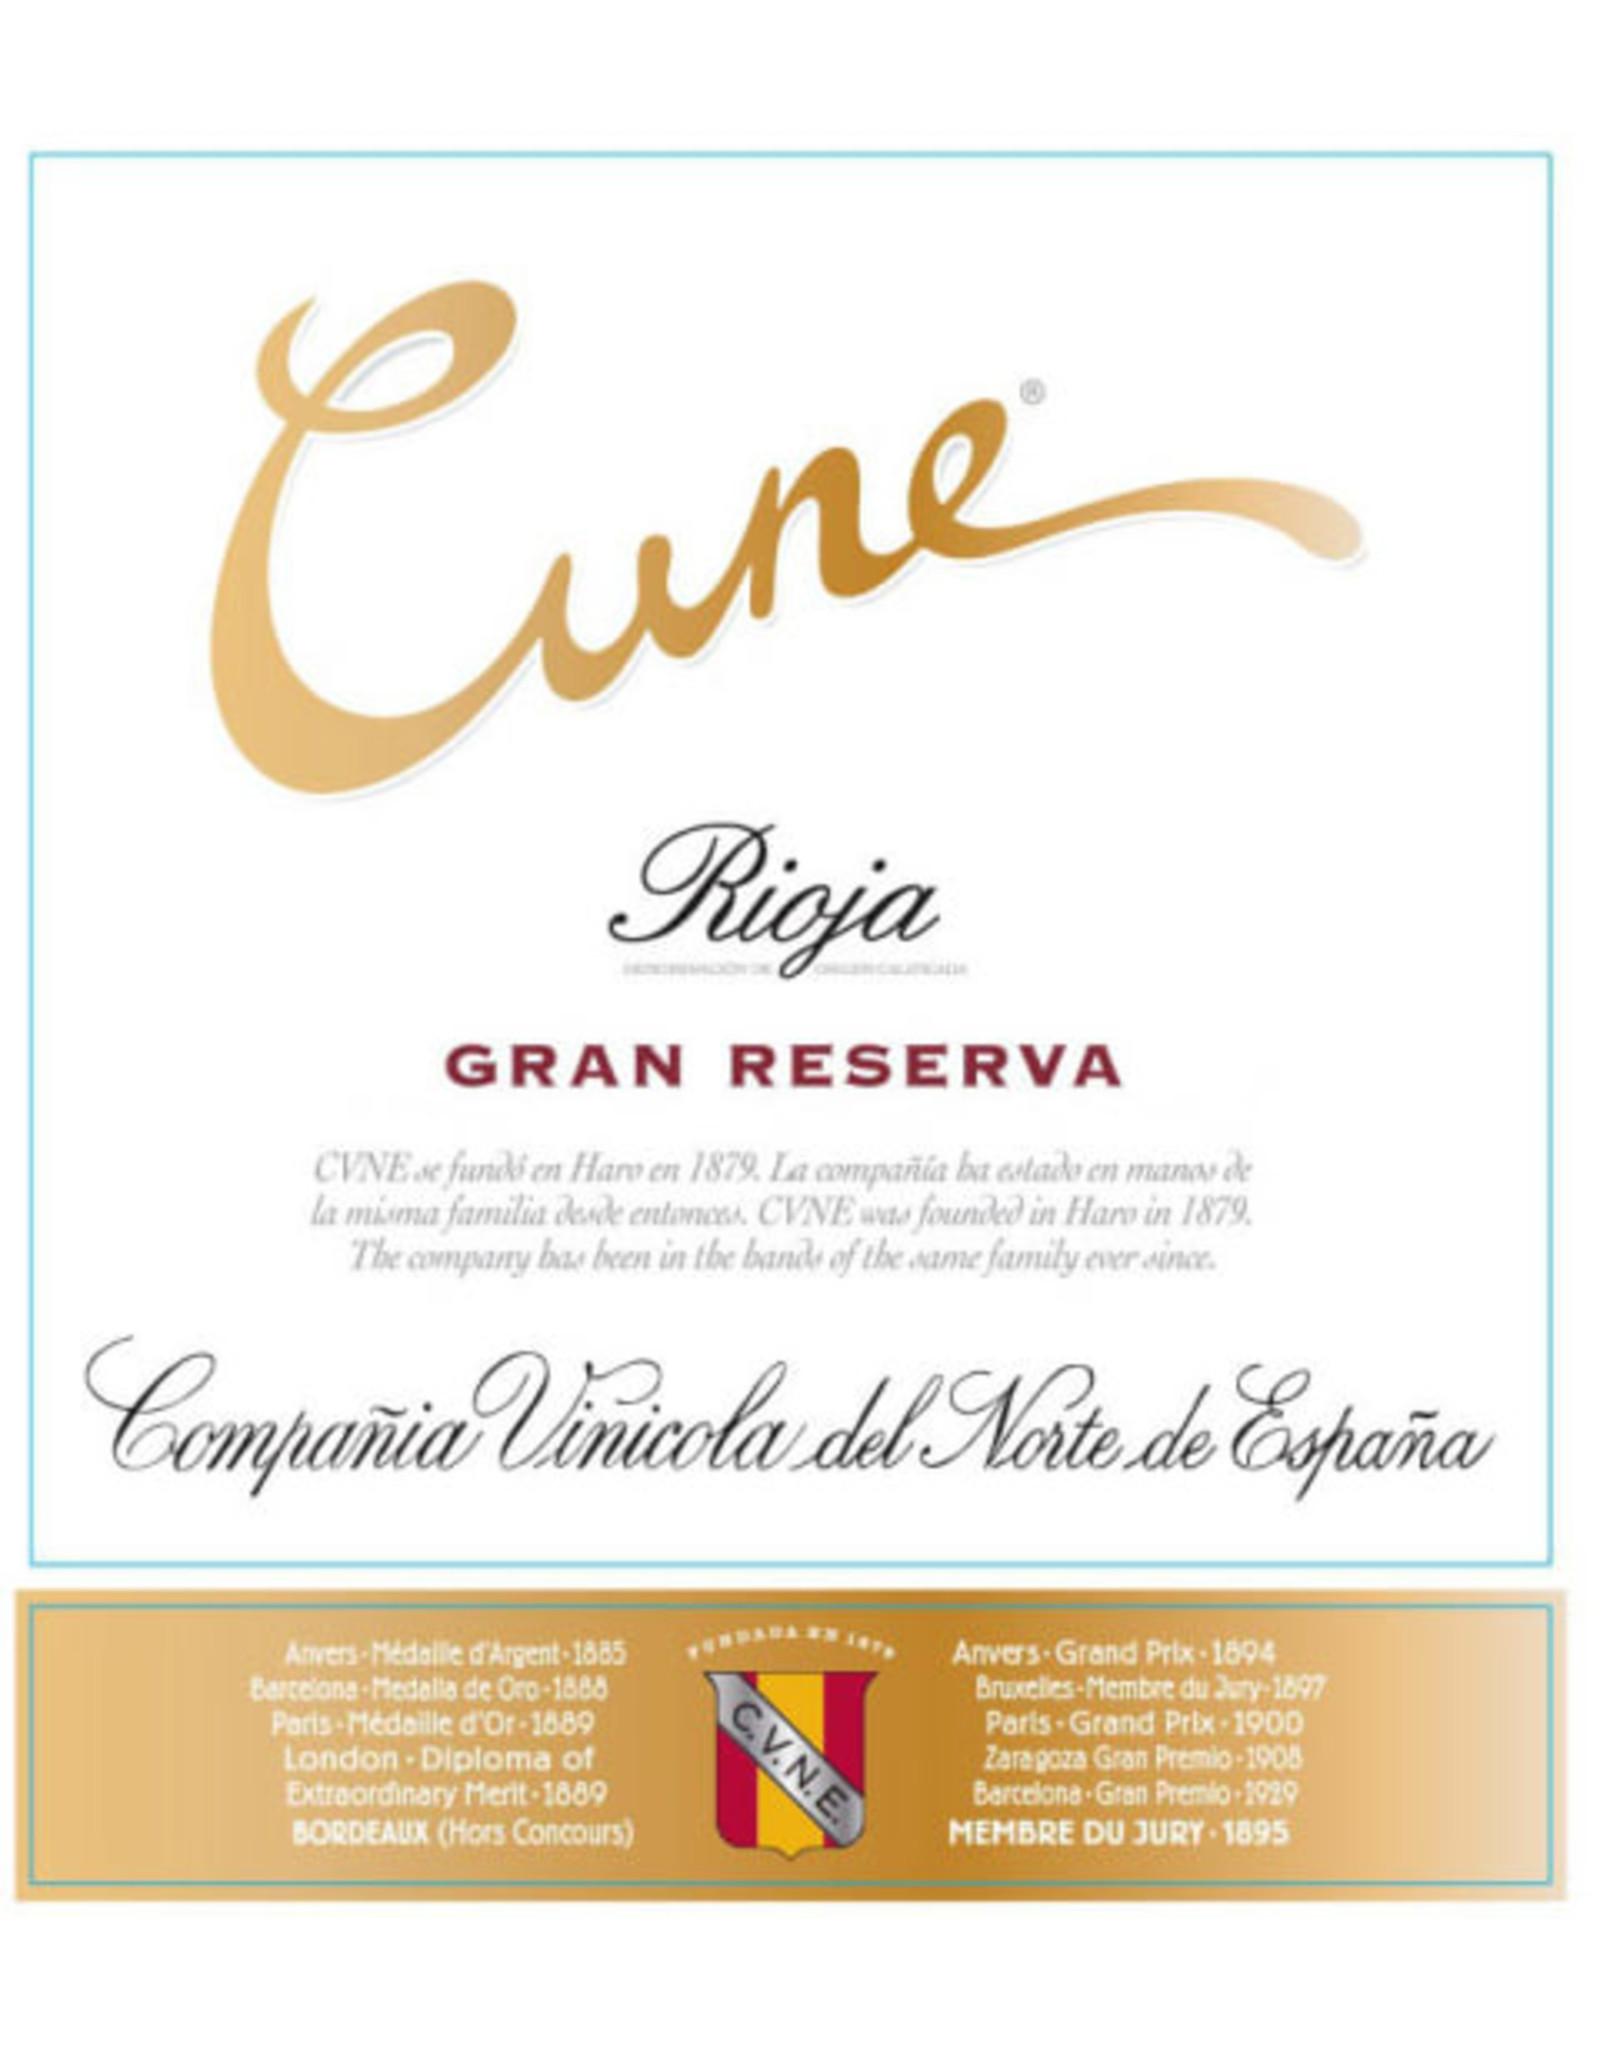 Cune Cune Rioja Gran Reserva 2014